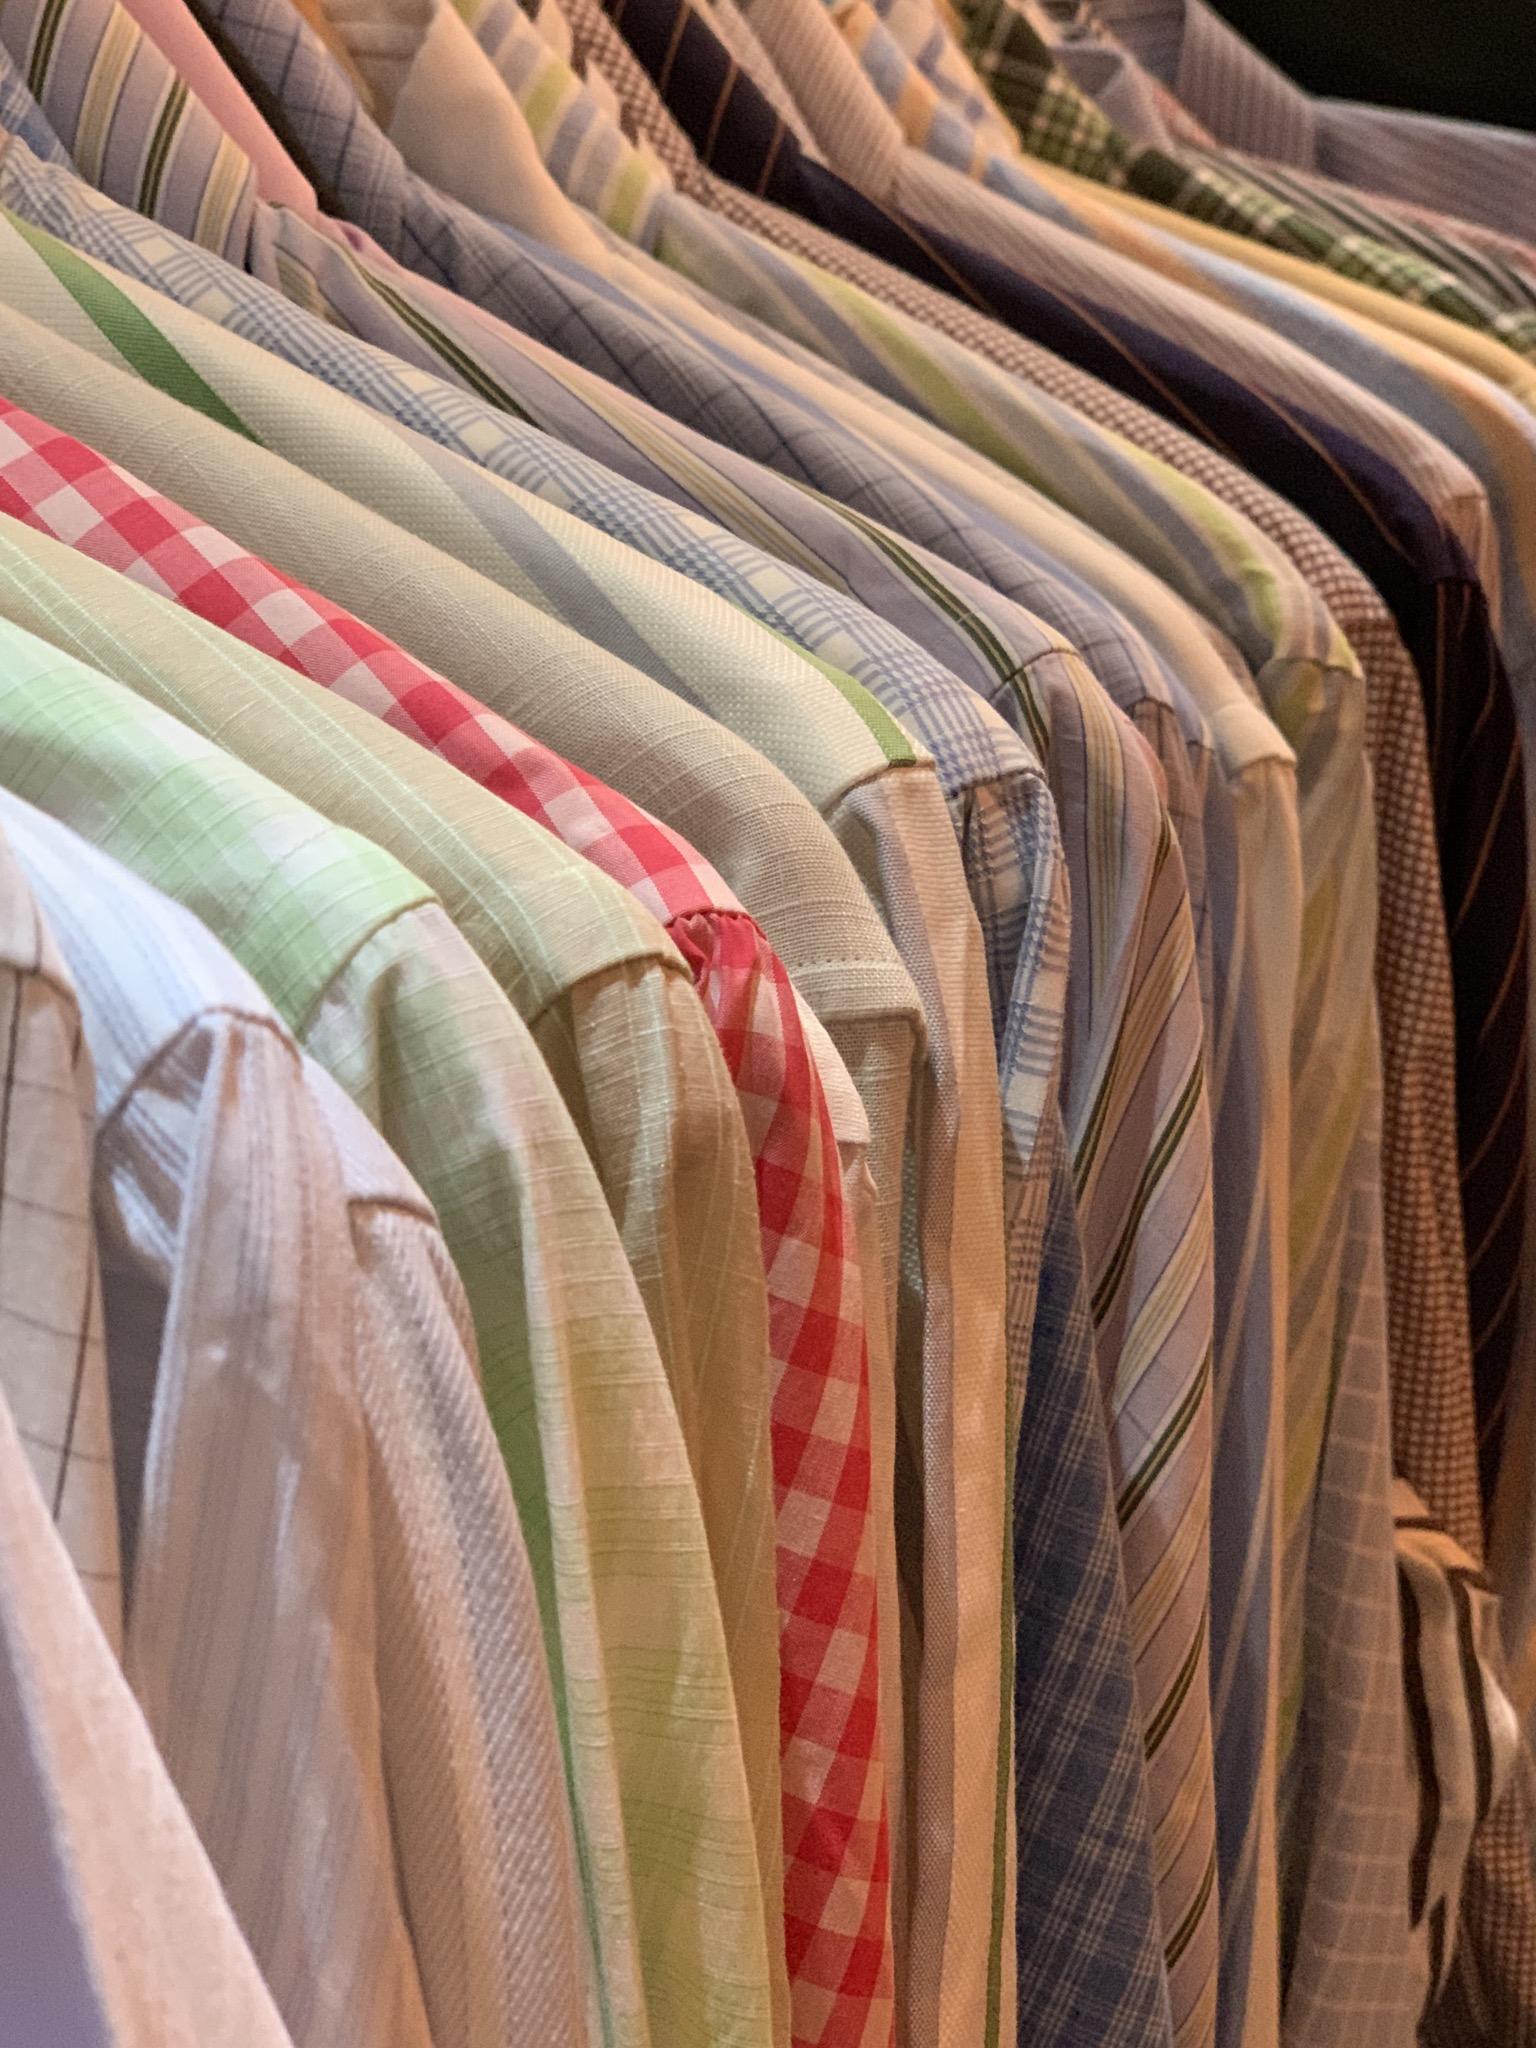 正統な紳士服を嗜むvol.36〜ナポリの老舗ルイジボレッリ